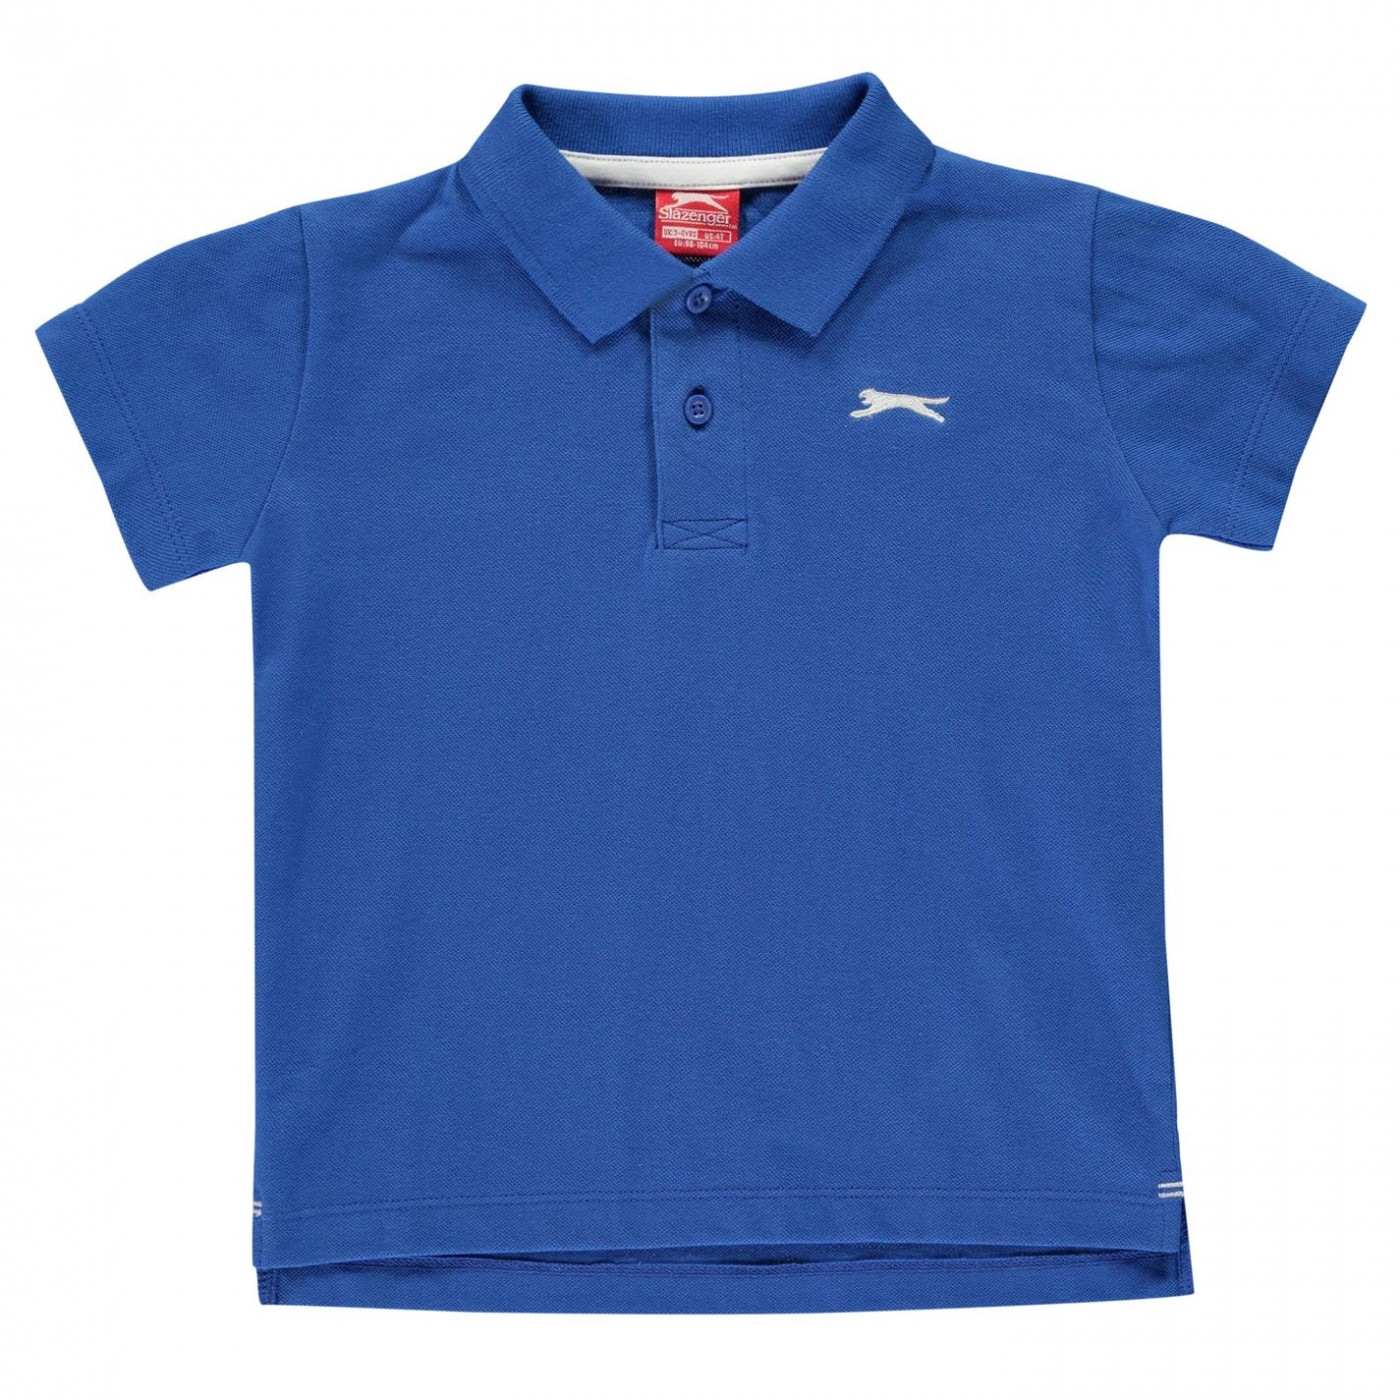 Slazenger Plain Polo Shirt Infant Boys